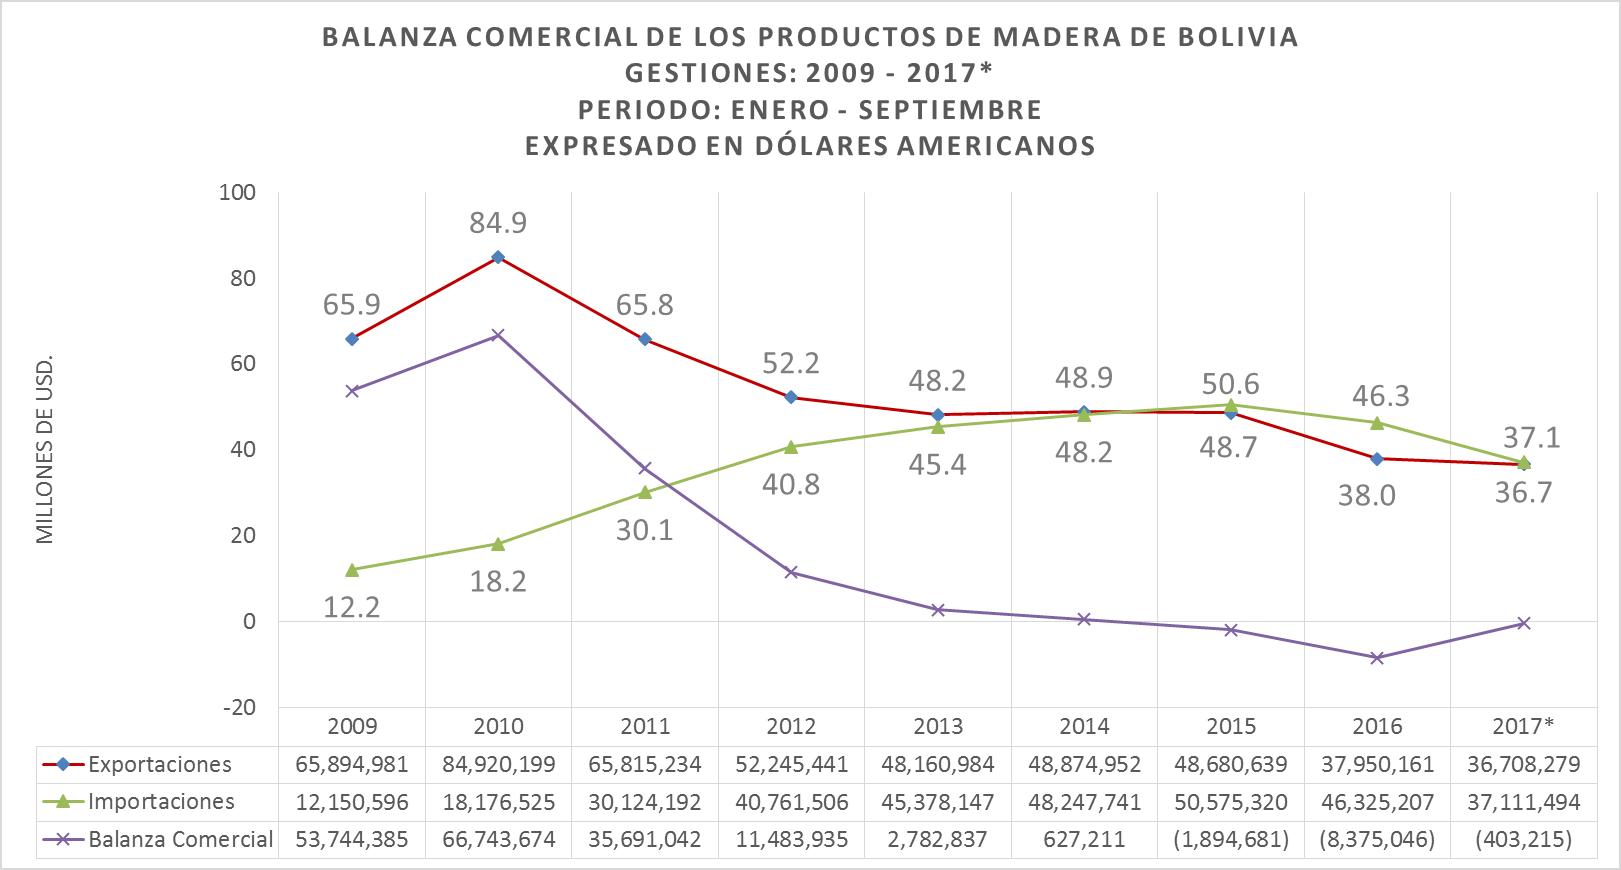 Estadísticas Forestales de Bolivia, Balanza Comercial a Septiembre 2017, Exportaciones, Importaciones de Madera